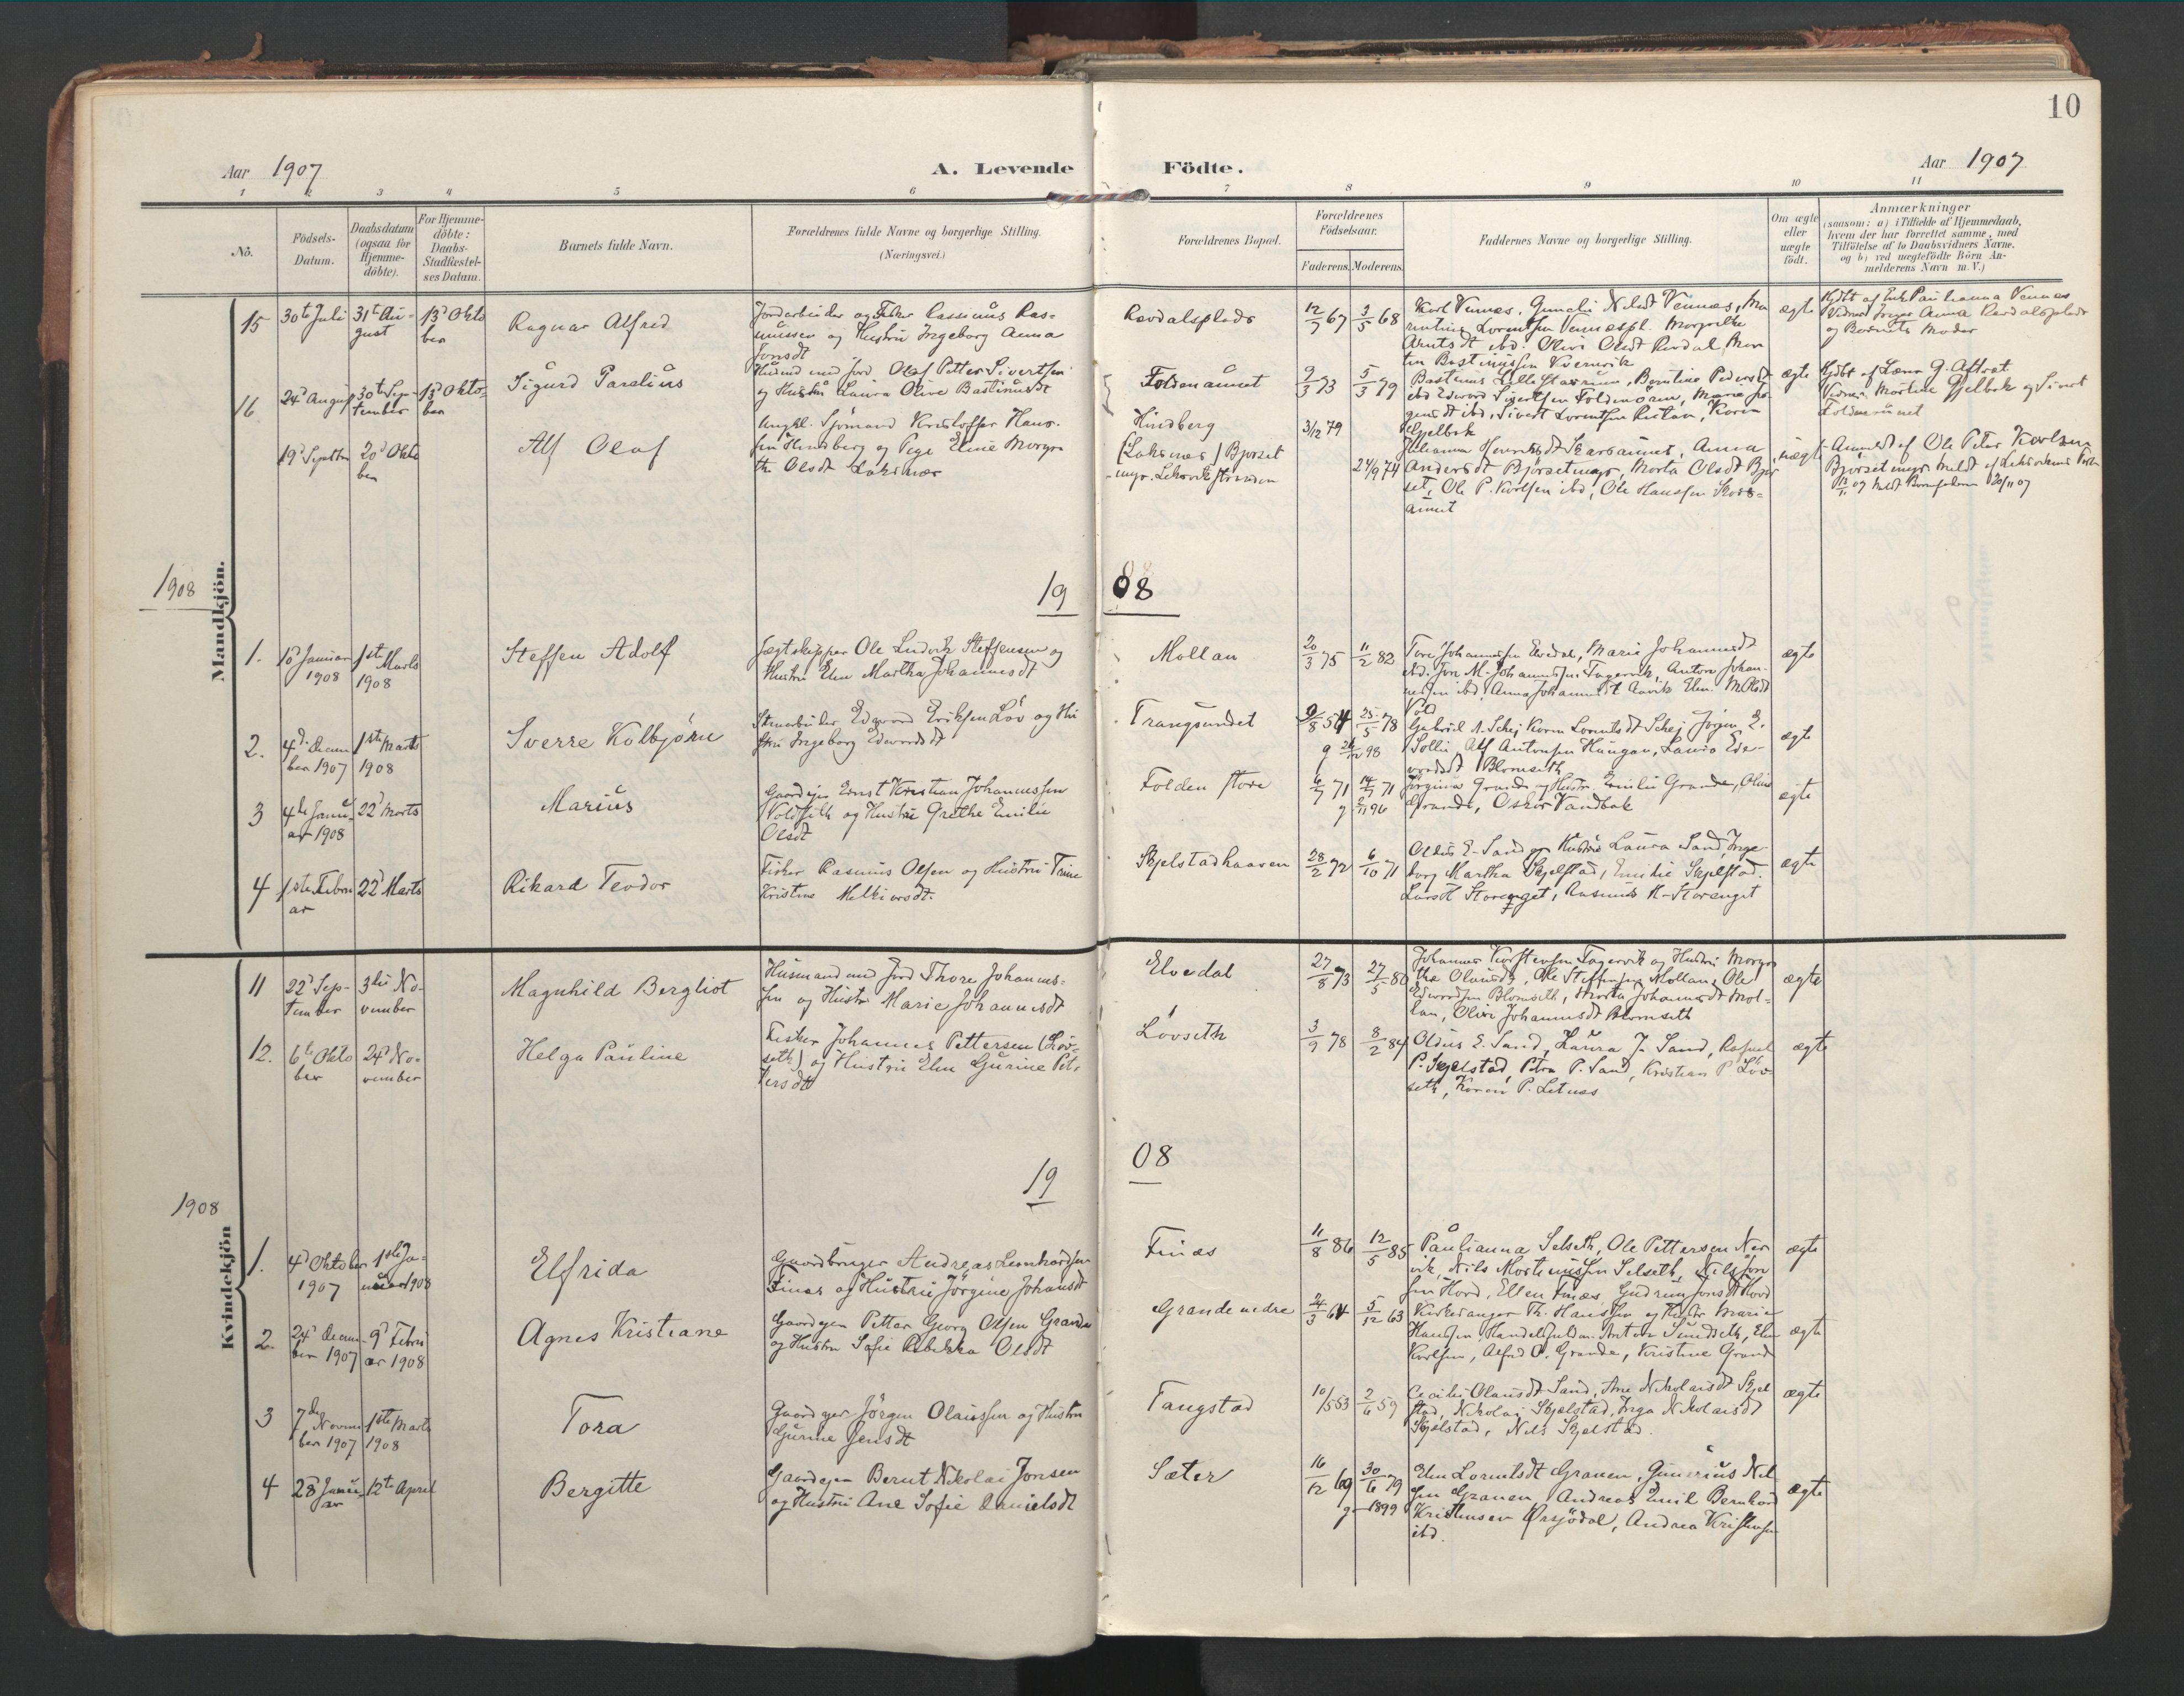 SAT, Ministerialprotokoller, klokkerbøker og fødselsregistre - Nord-Trøndelag, 744/L0421: Ministerialbok nr. 744A05, 1905-1930, s. 10